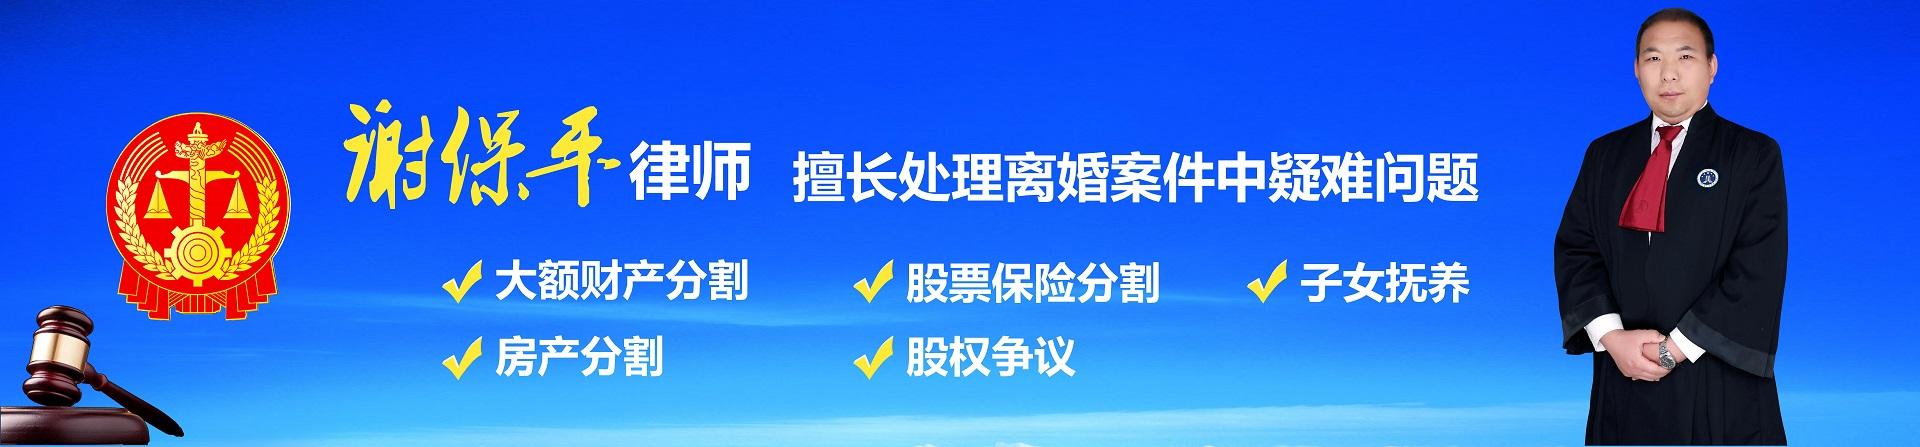 南京婚姻律师事务所